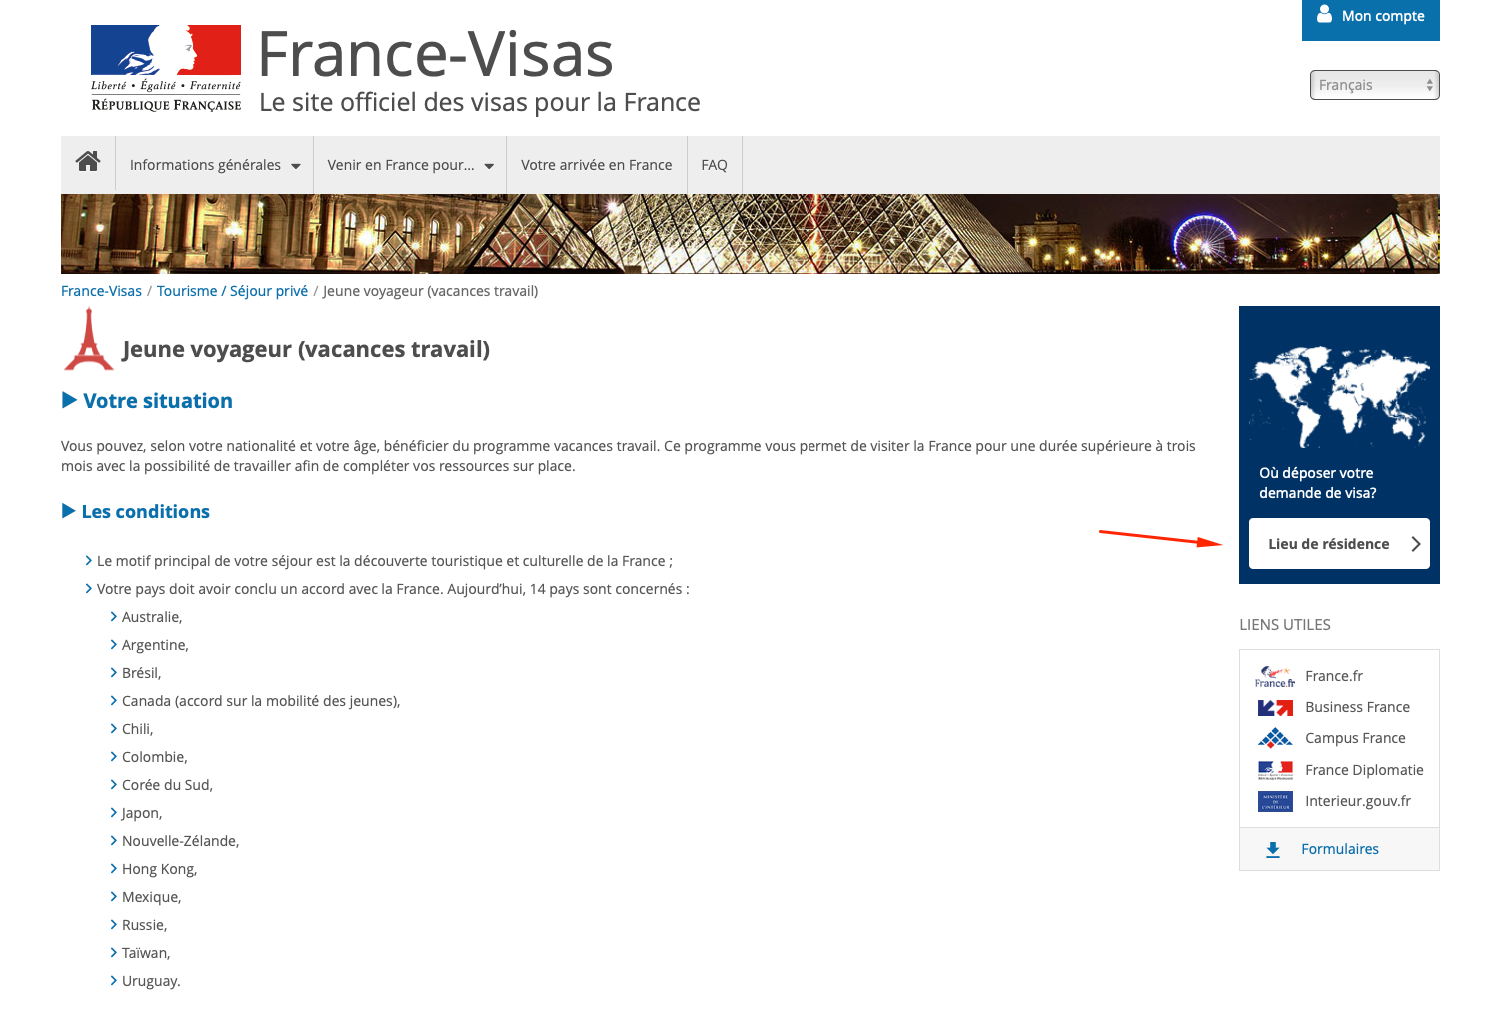 PVT France - demande de visa